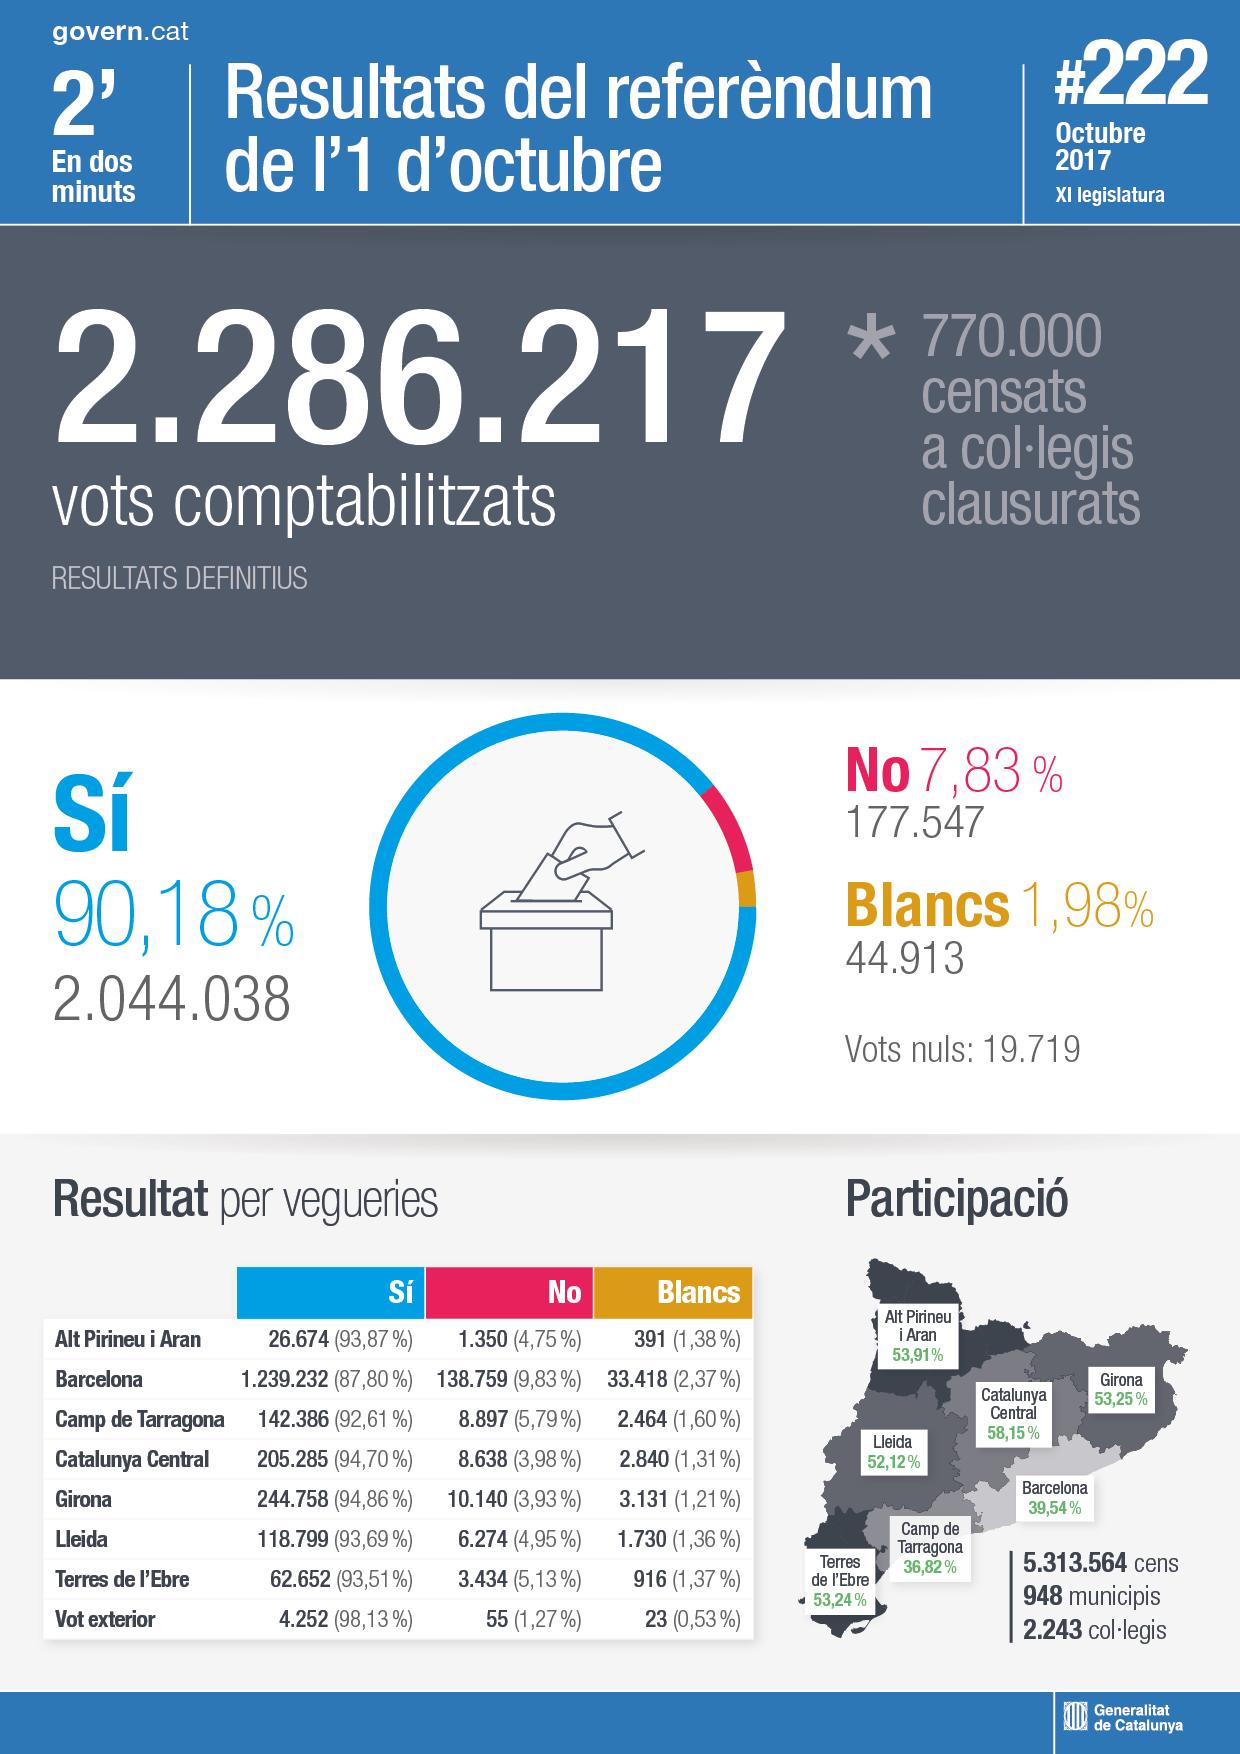 El Govern trasllada els resultats definitius del referèndum de l'1 d'octubre al Parlament de Catalunya